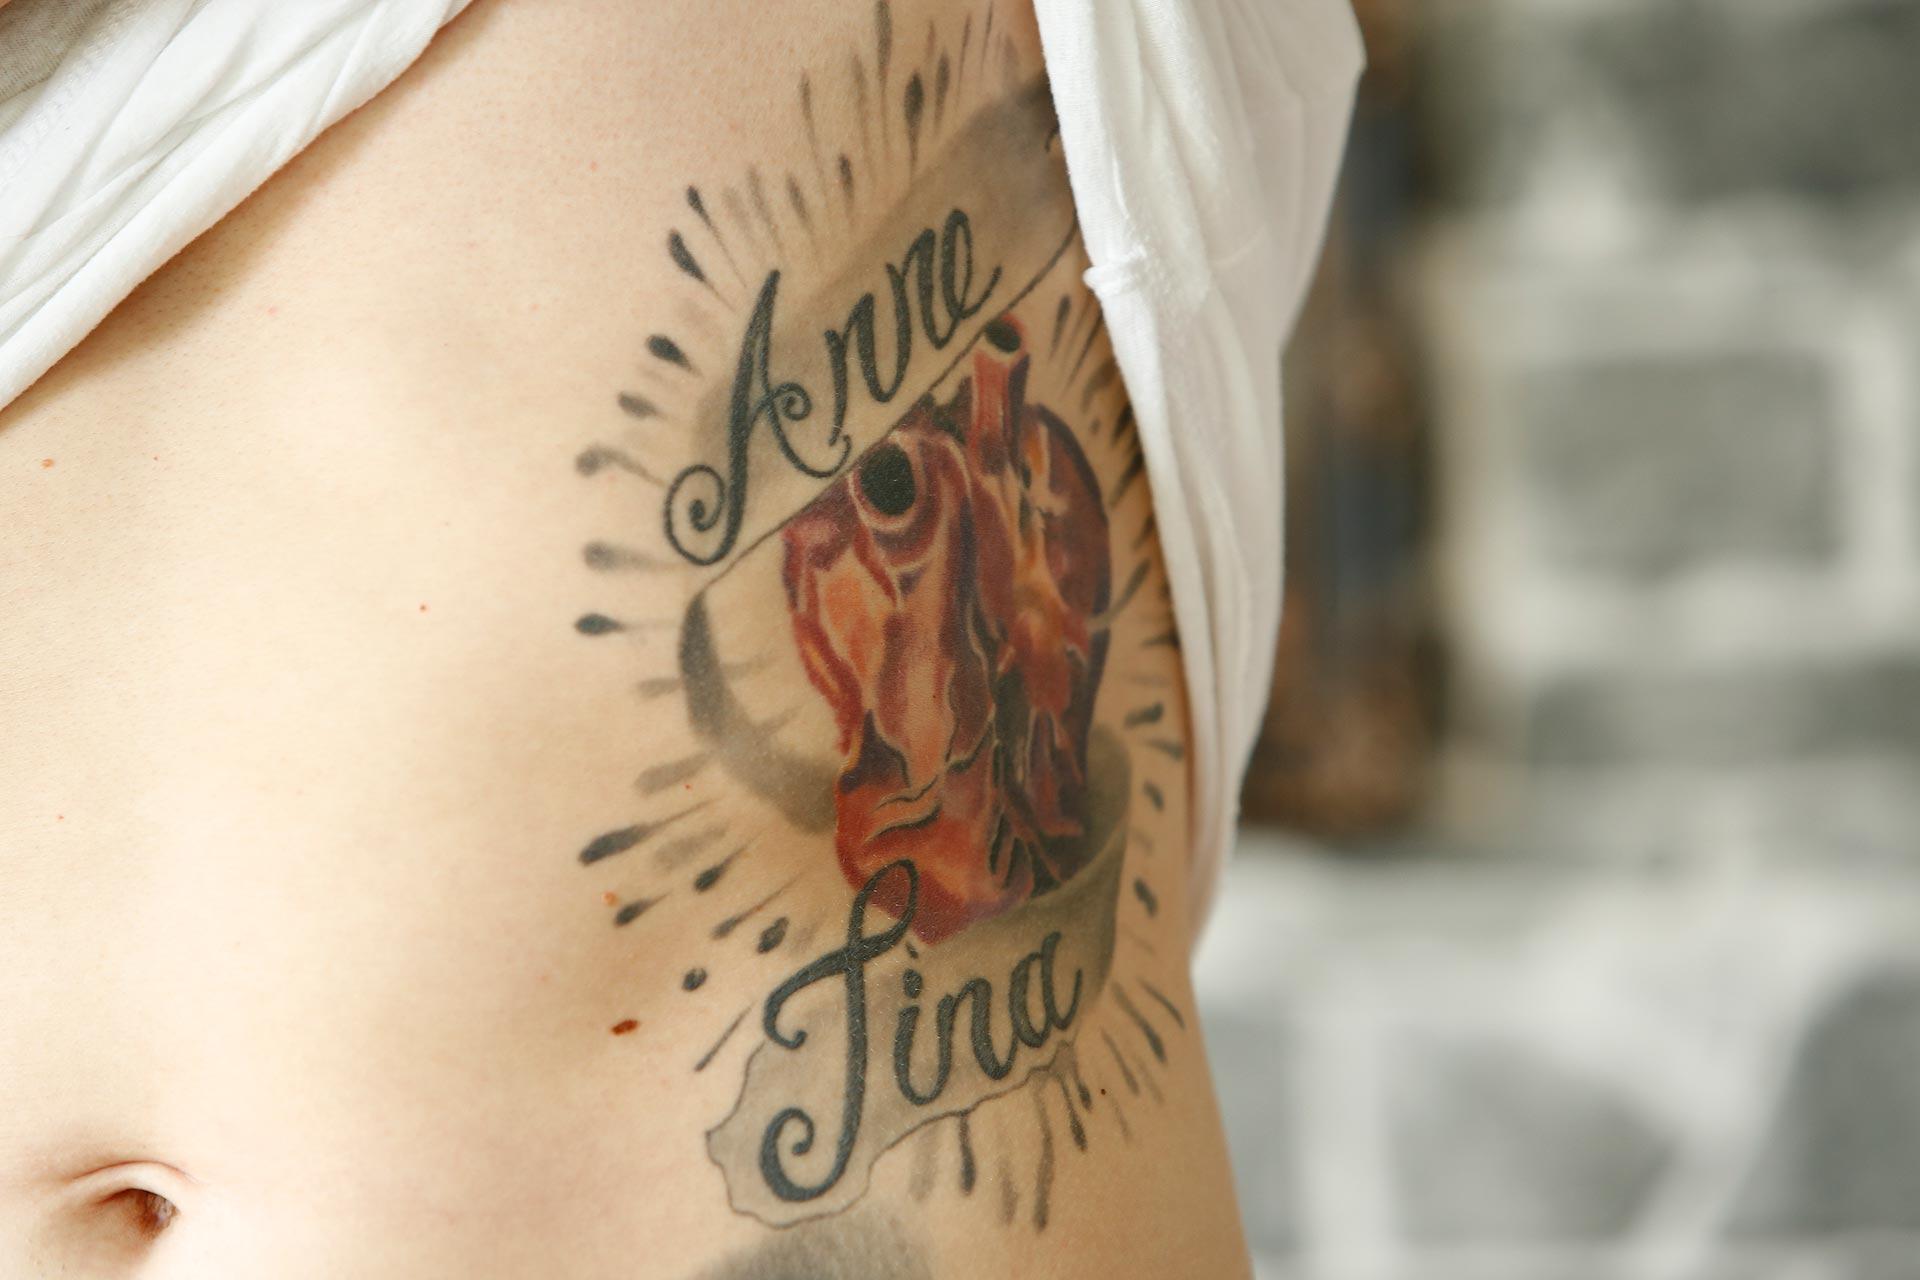 Dieses Tattoo ist seinen Schwestern gewidmet.